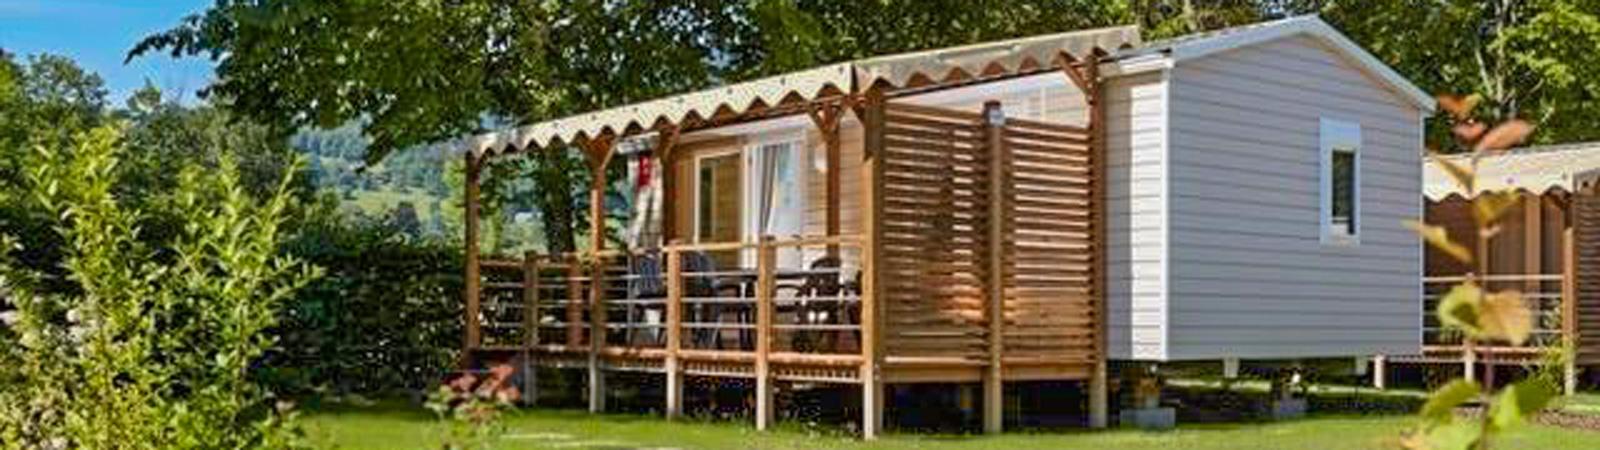 camping mobil-home nouveau vendée